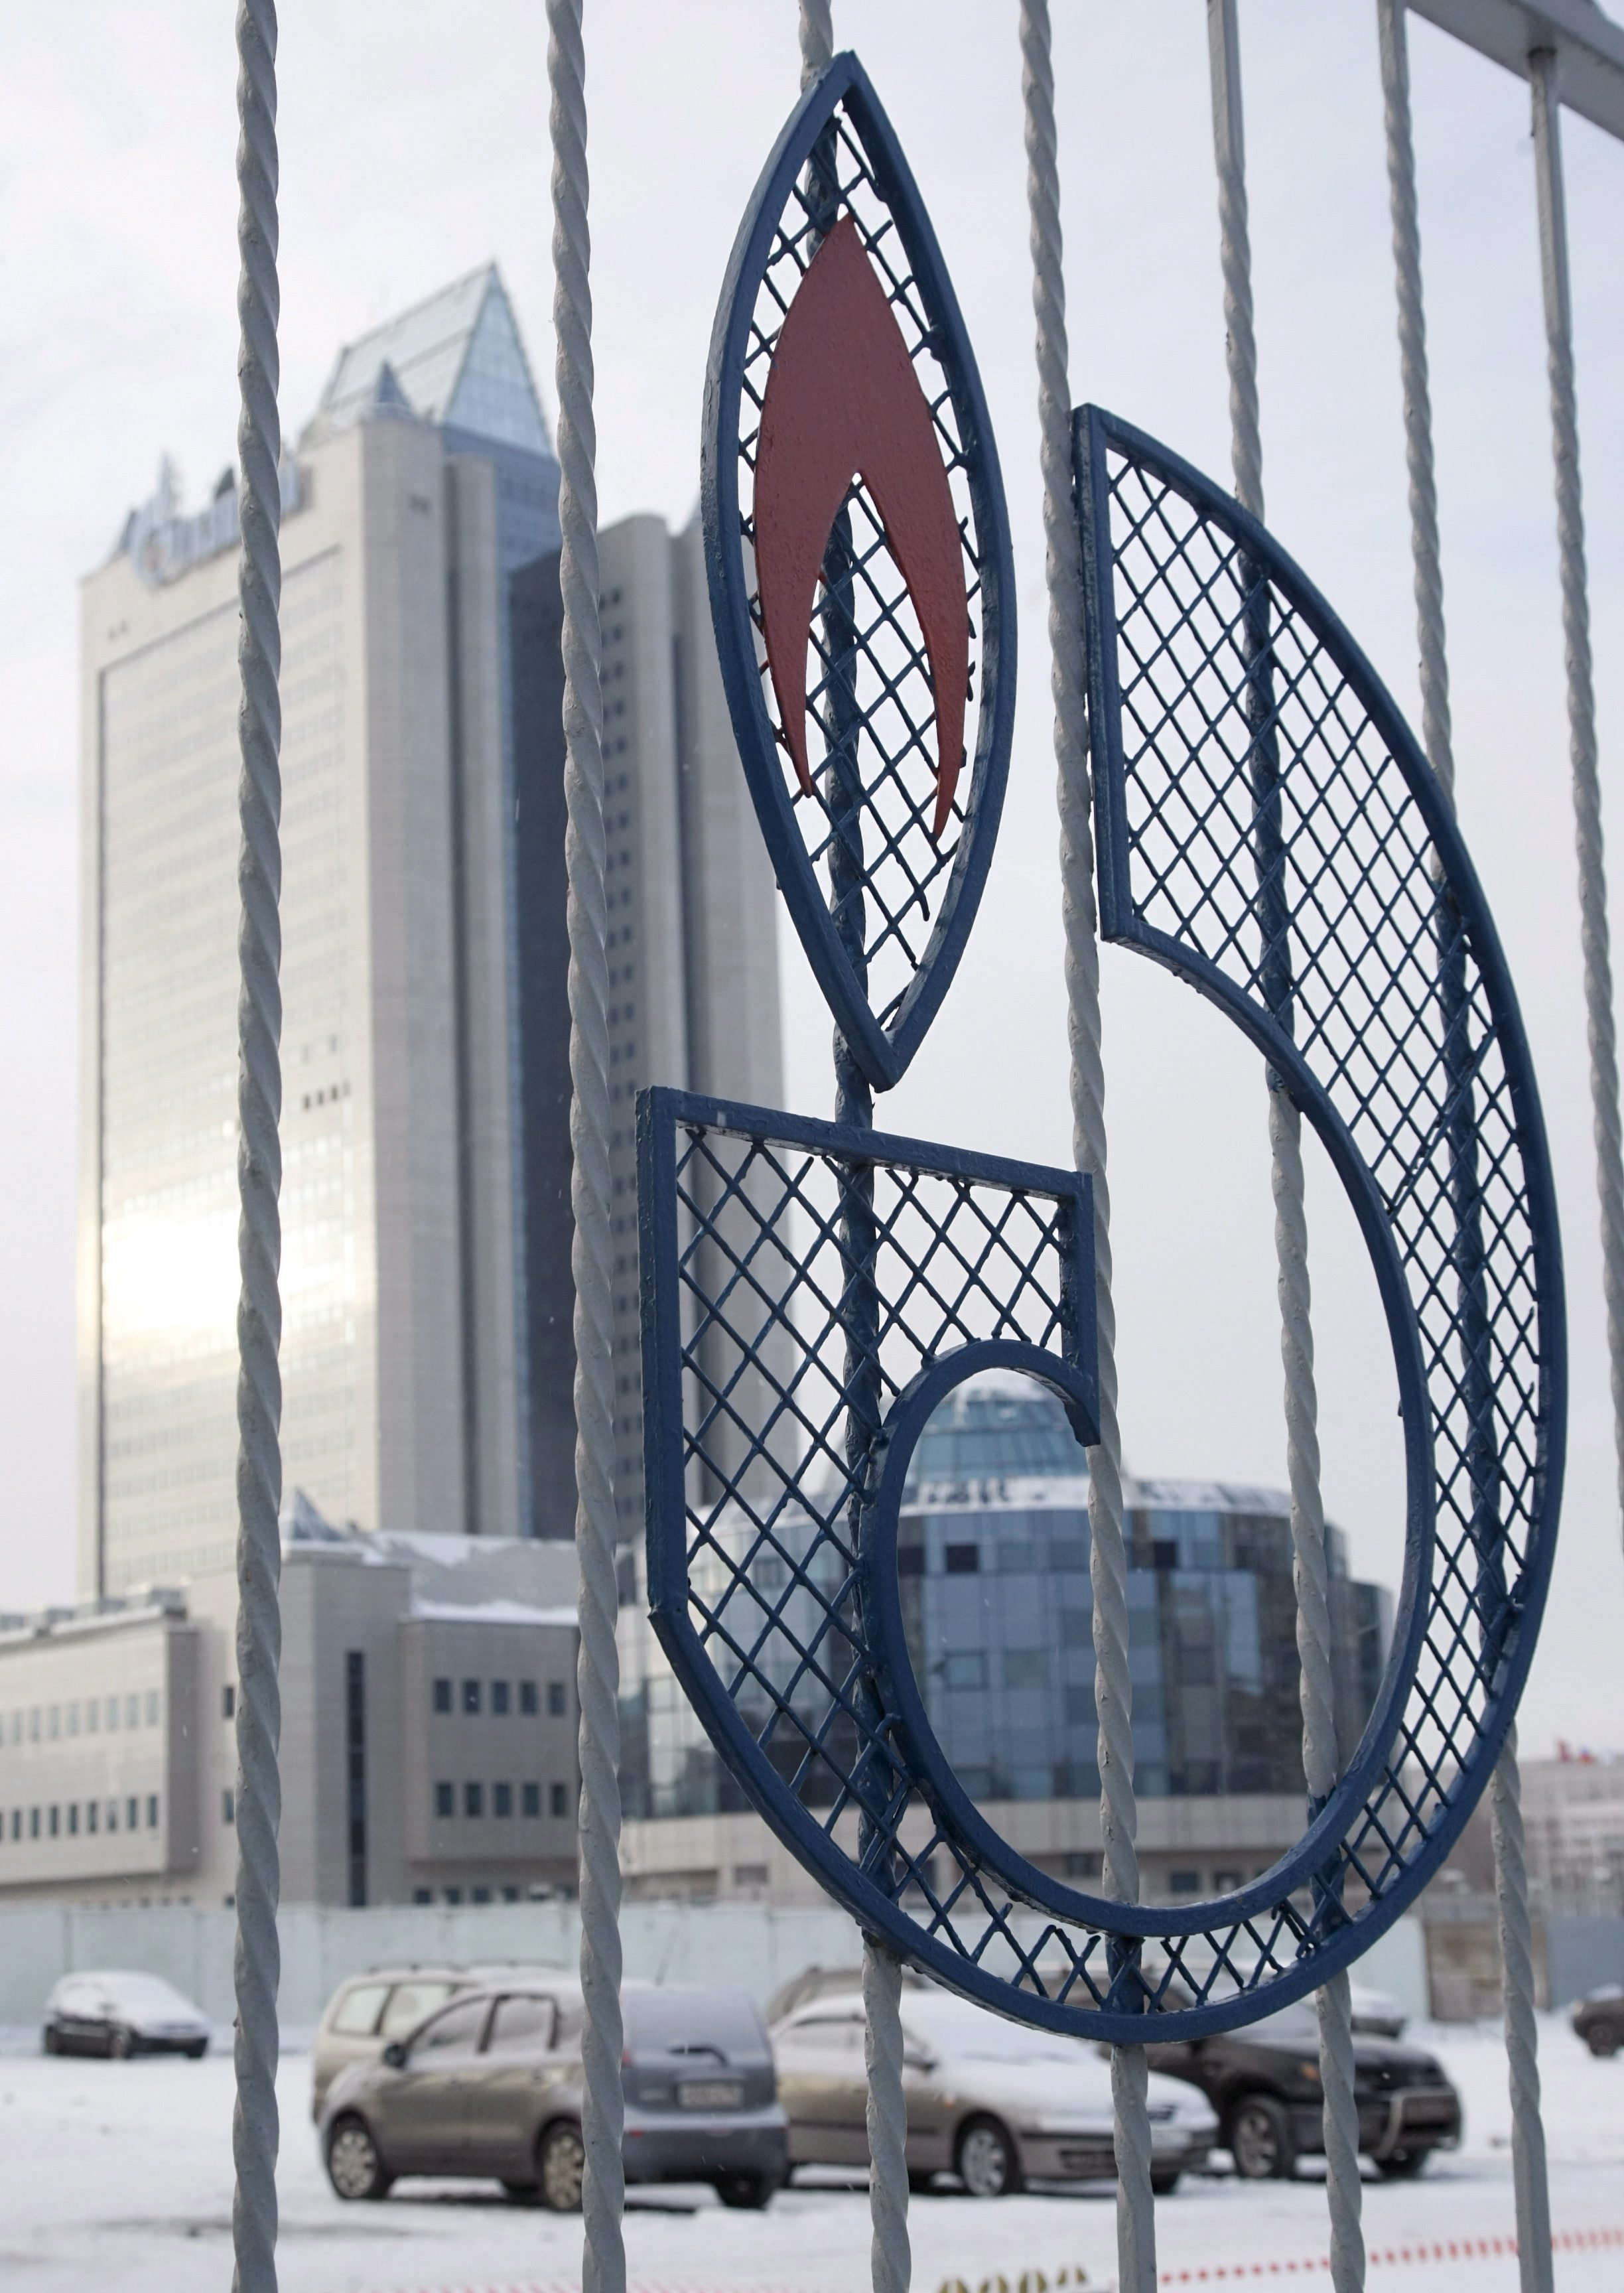 El aumento del precio del gas ruso a Ucrania podría provocar una »guerra energética» en toda Europa